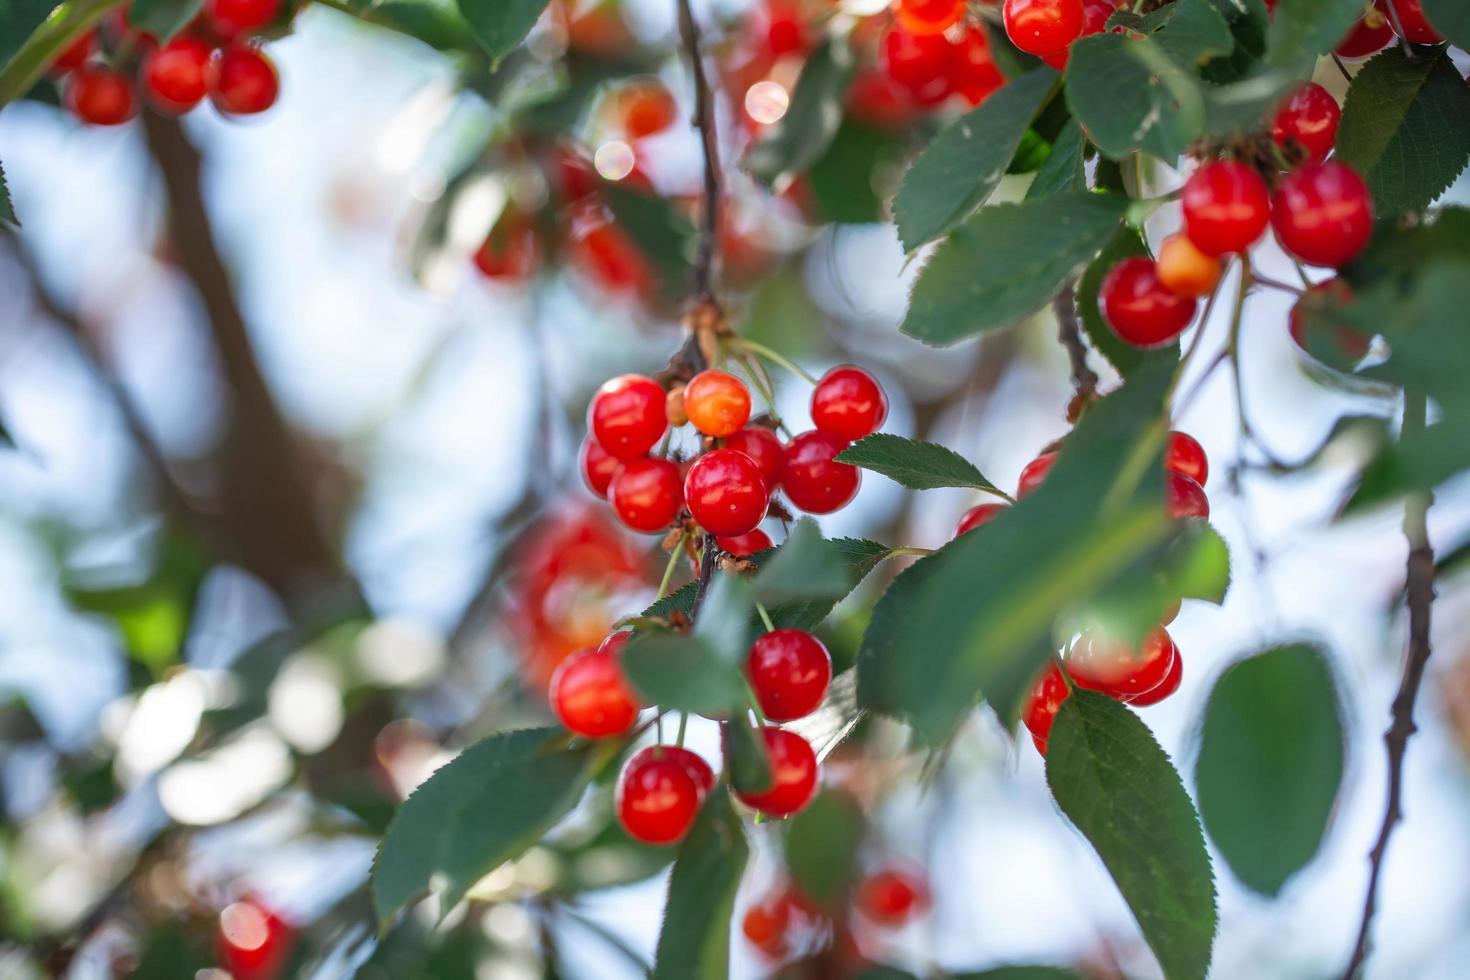 cerises mûres sur les branches photo